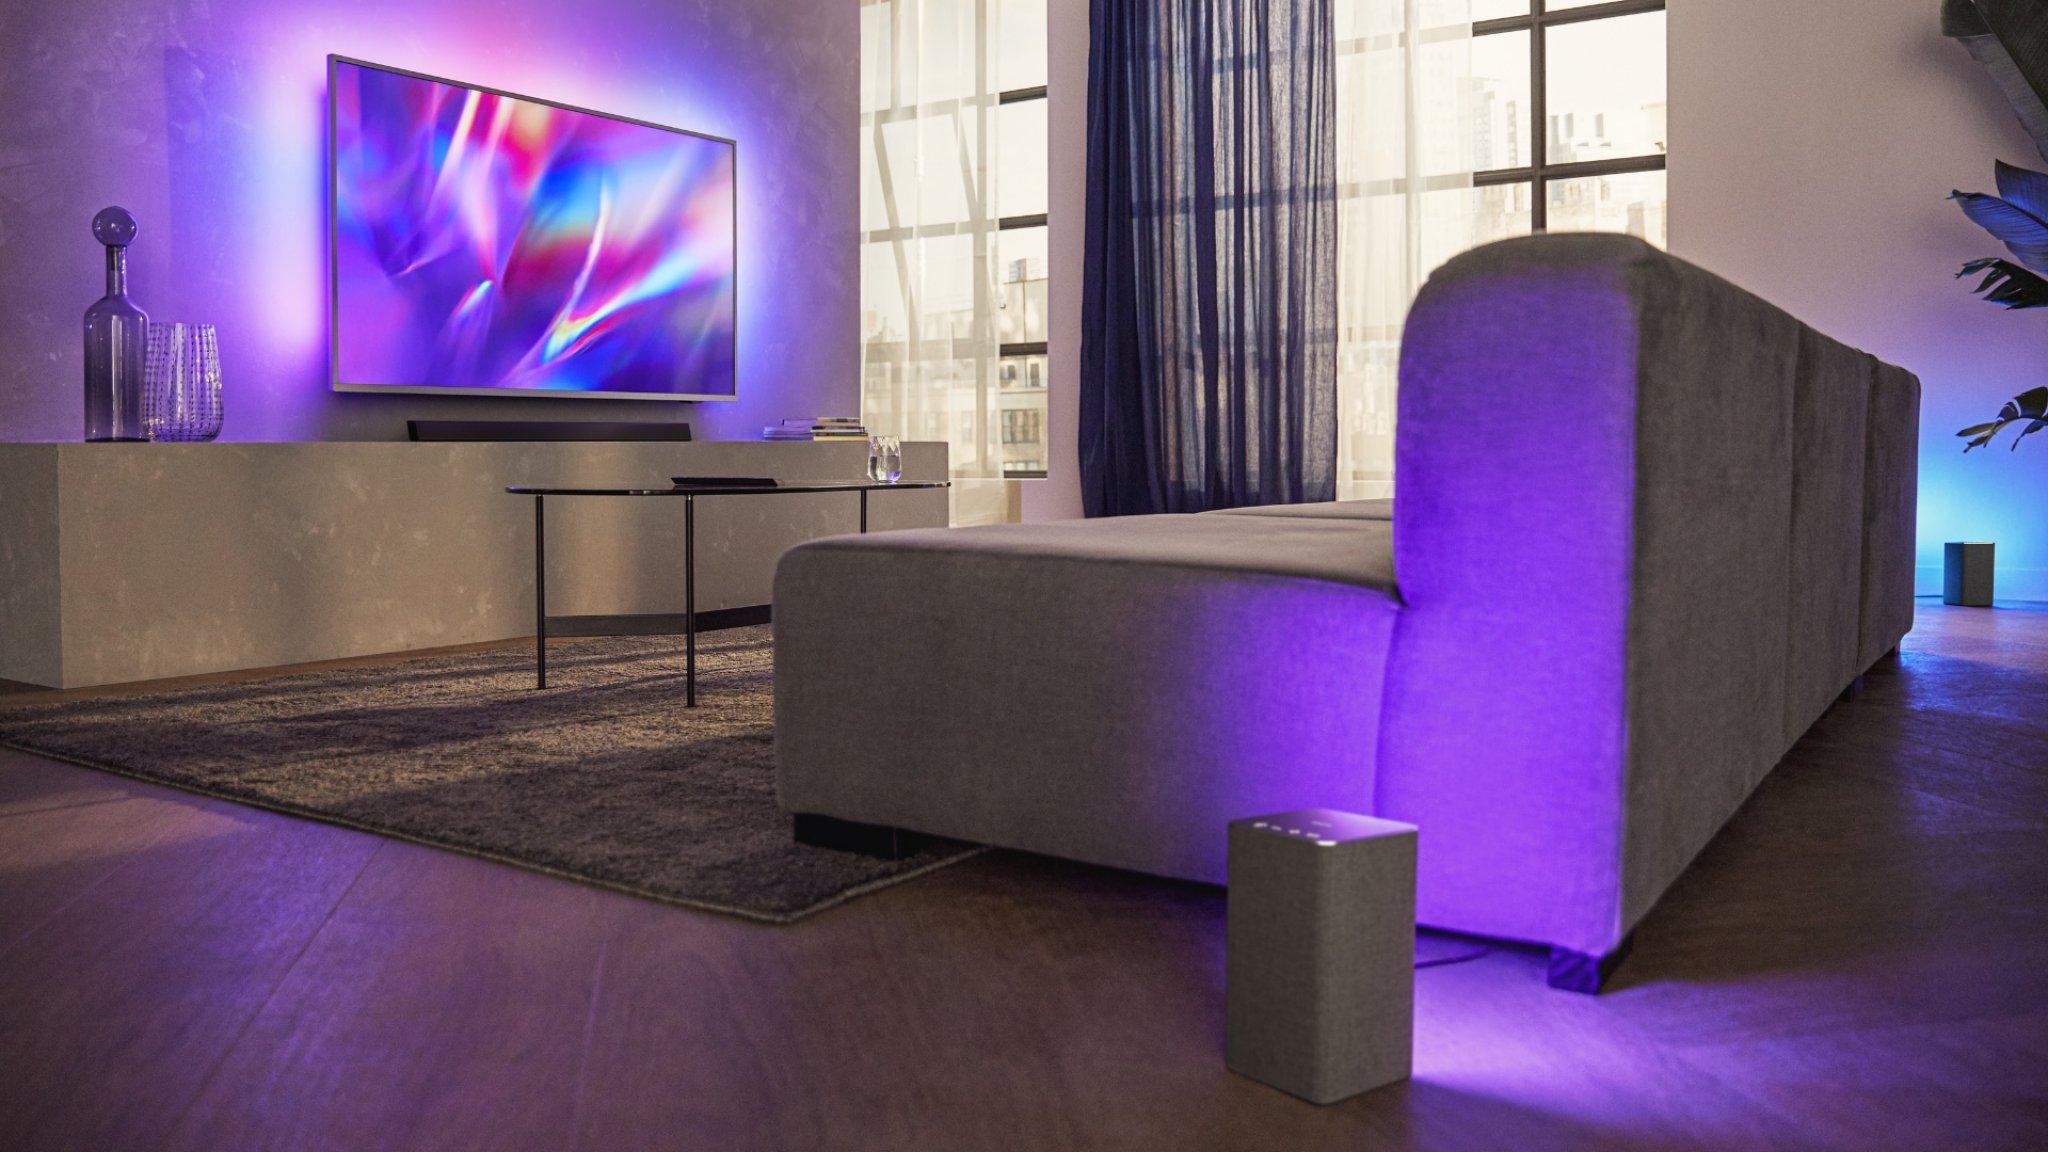 Philips Onthult Wifi Speakers Met Ambilight En Nieuwe Soundbars Rtl Nieuws